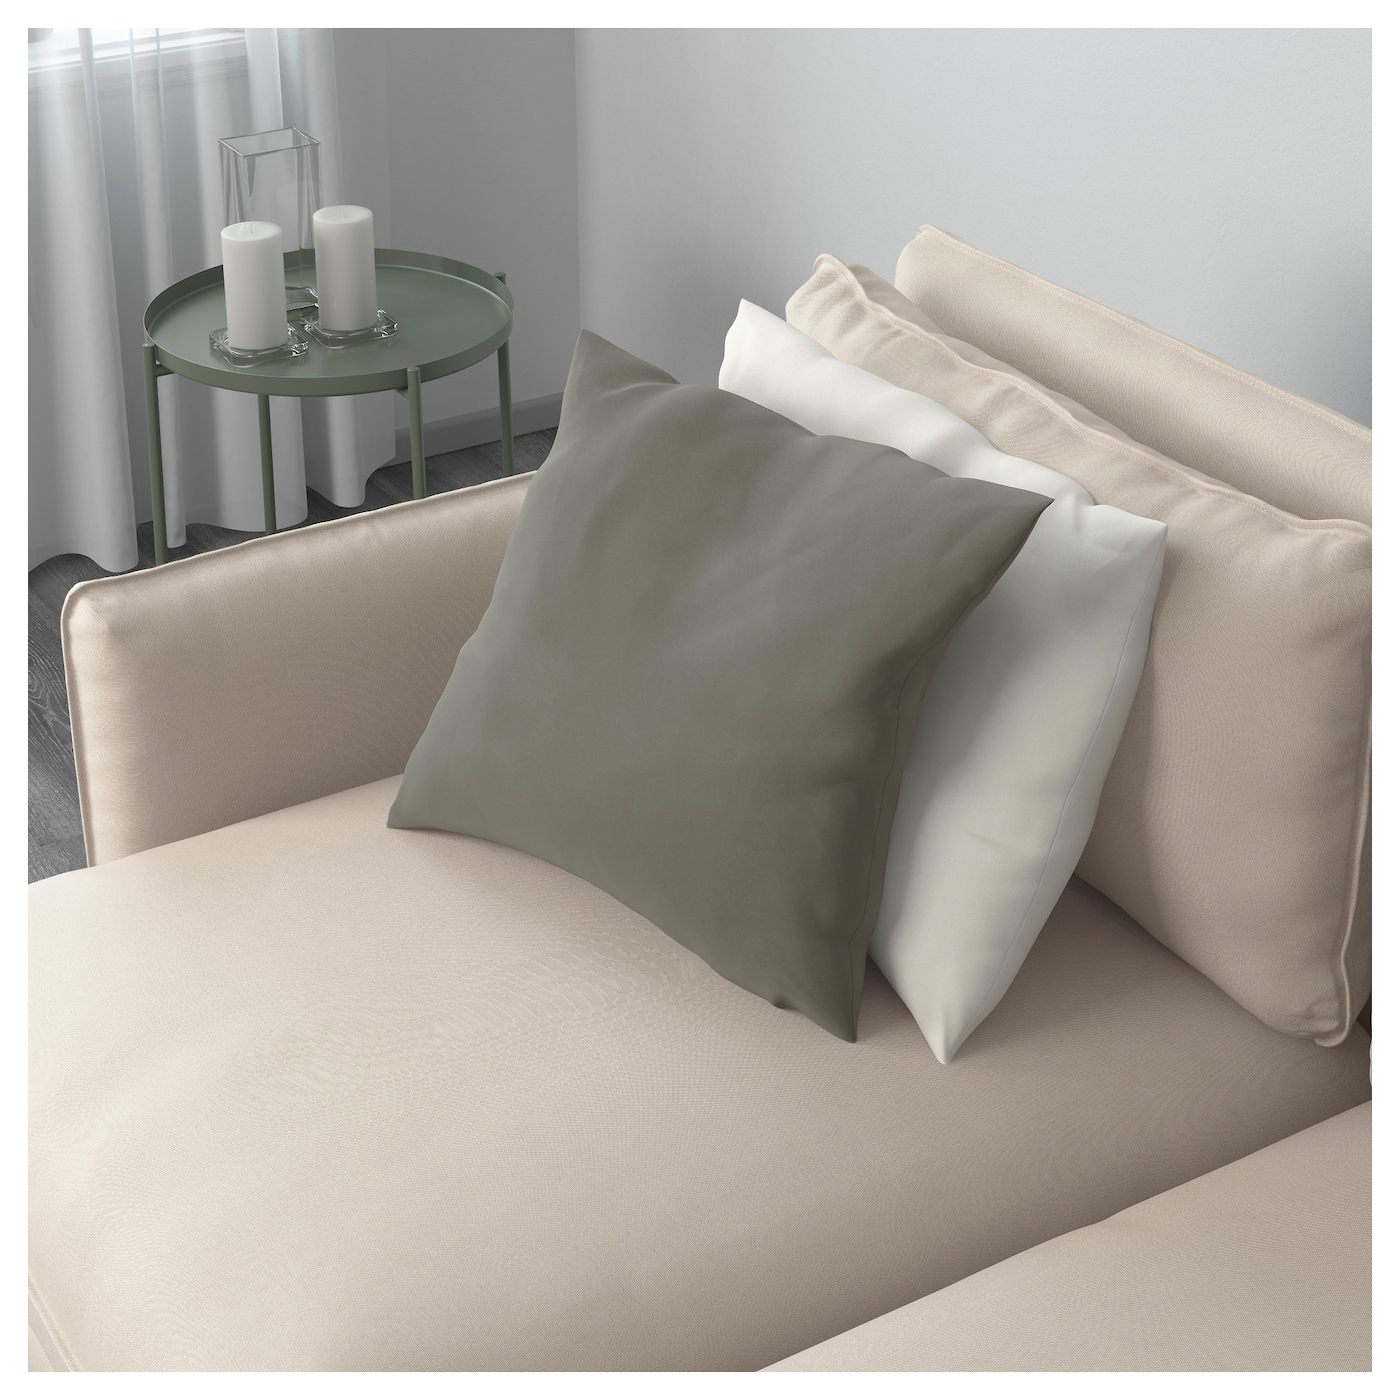 VALLENTUNA 4 seat sofa Ramna dark beige IKEA